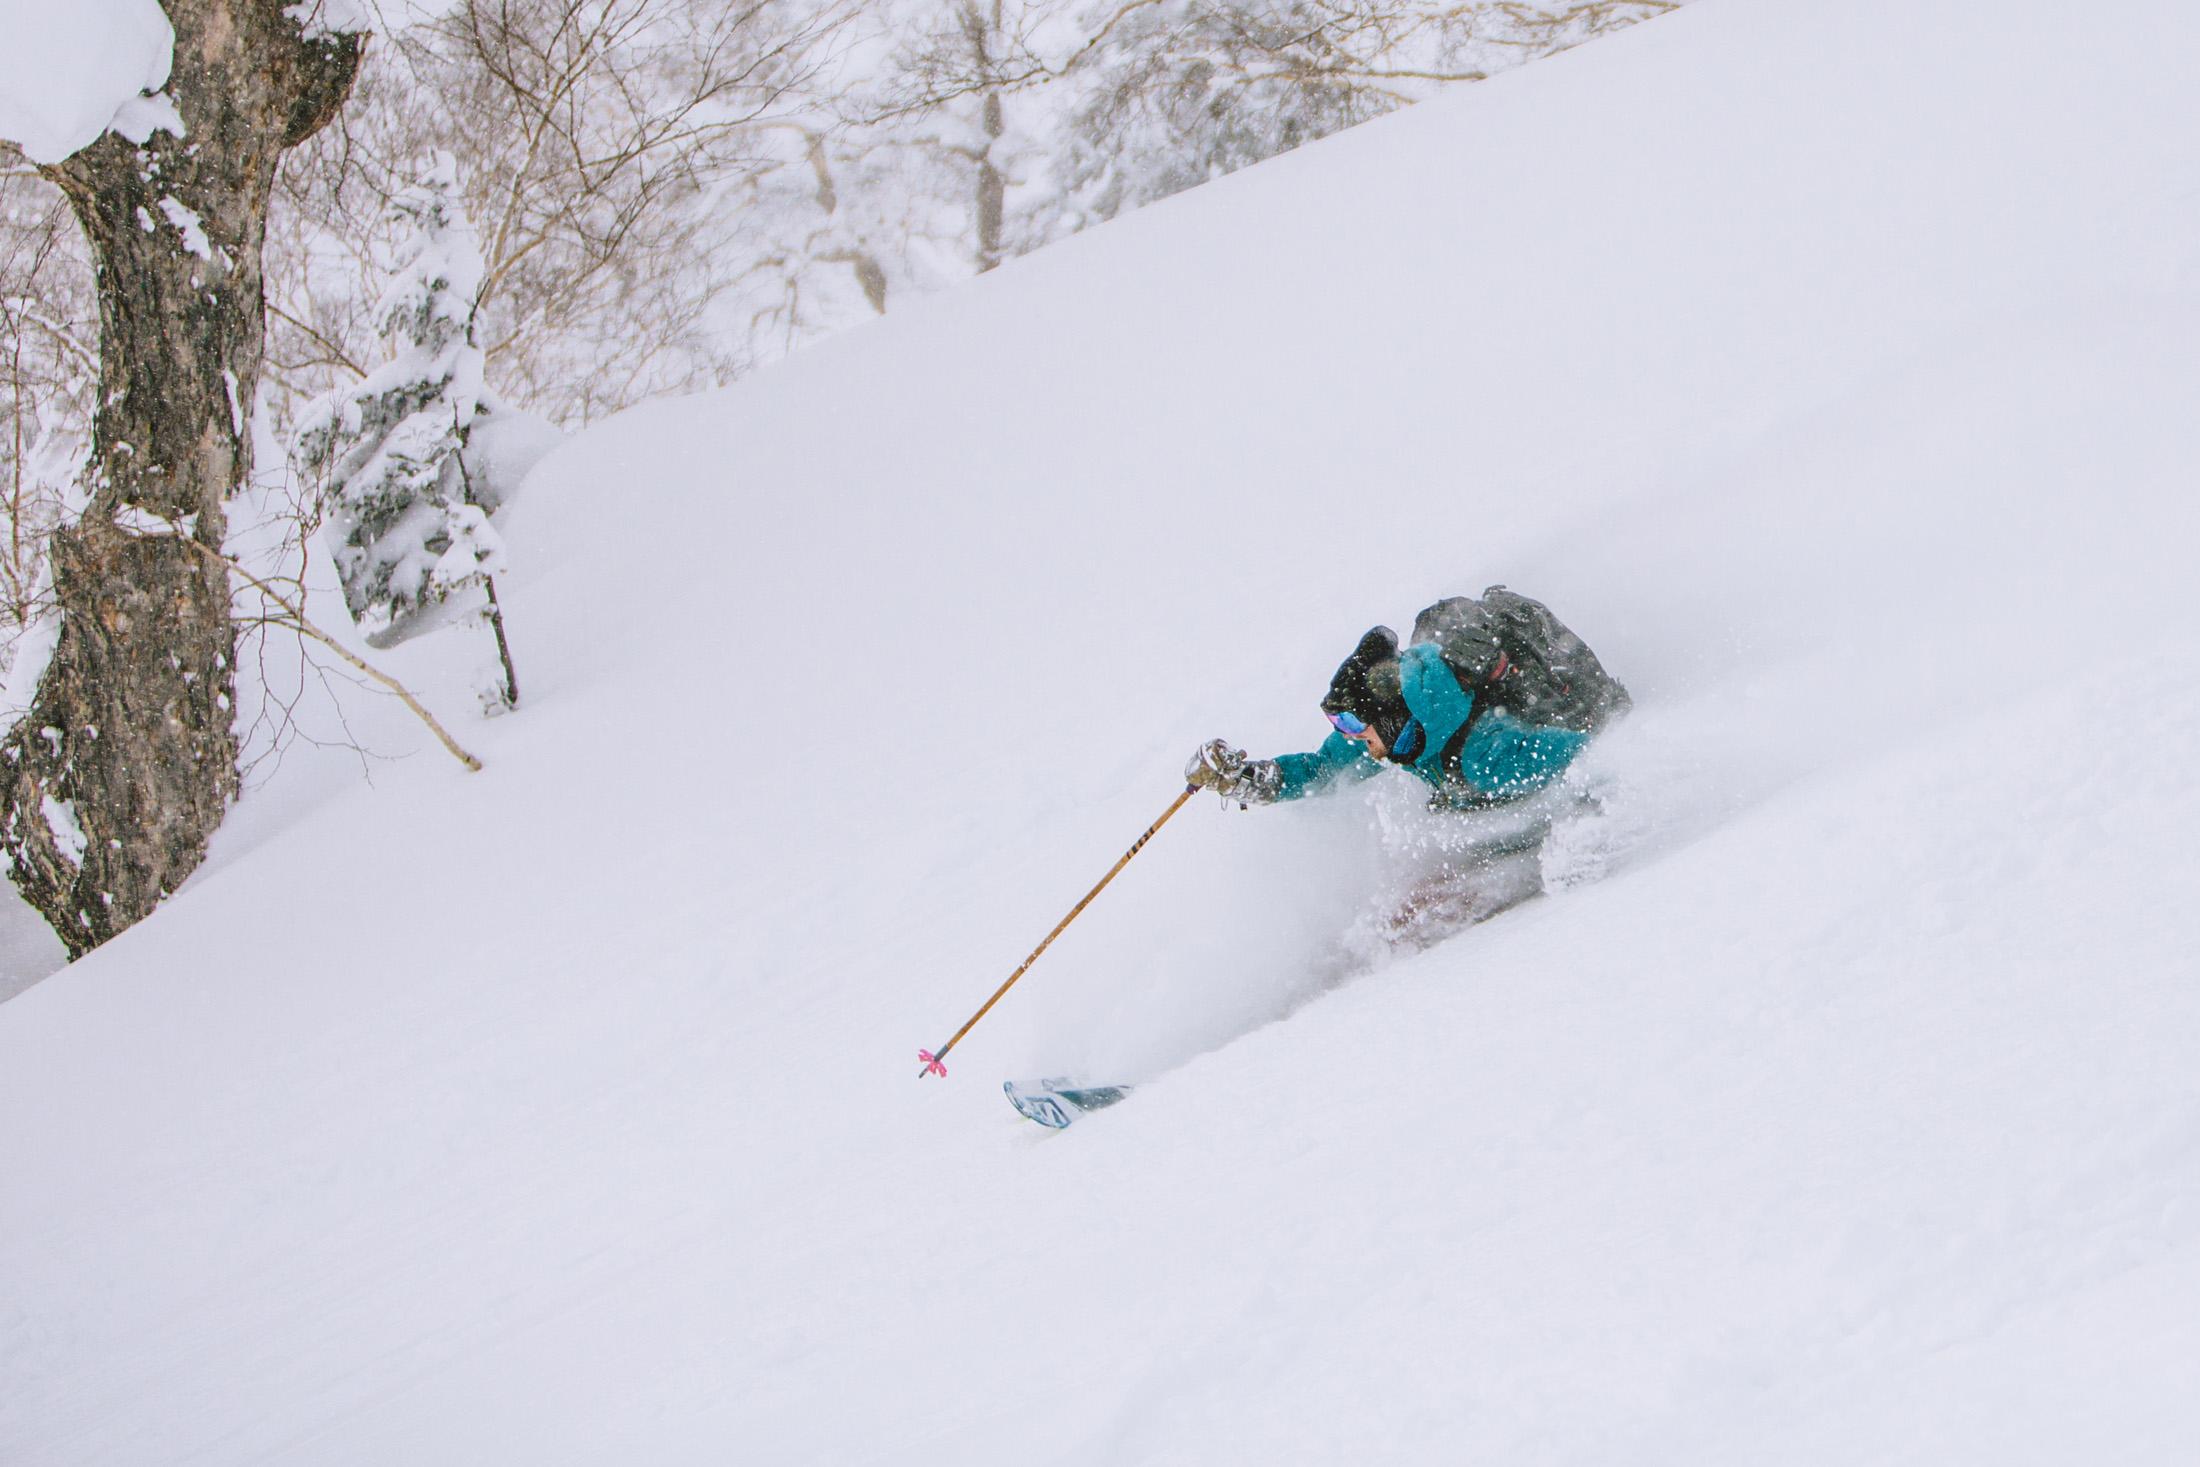 blake-bekken-hokkaido-japan-powder-skiing.jpg